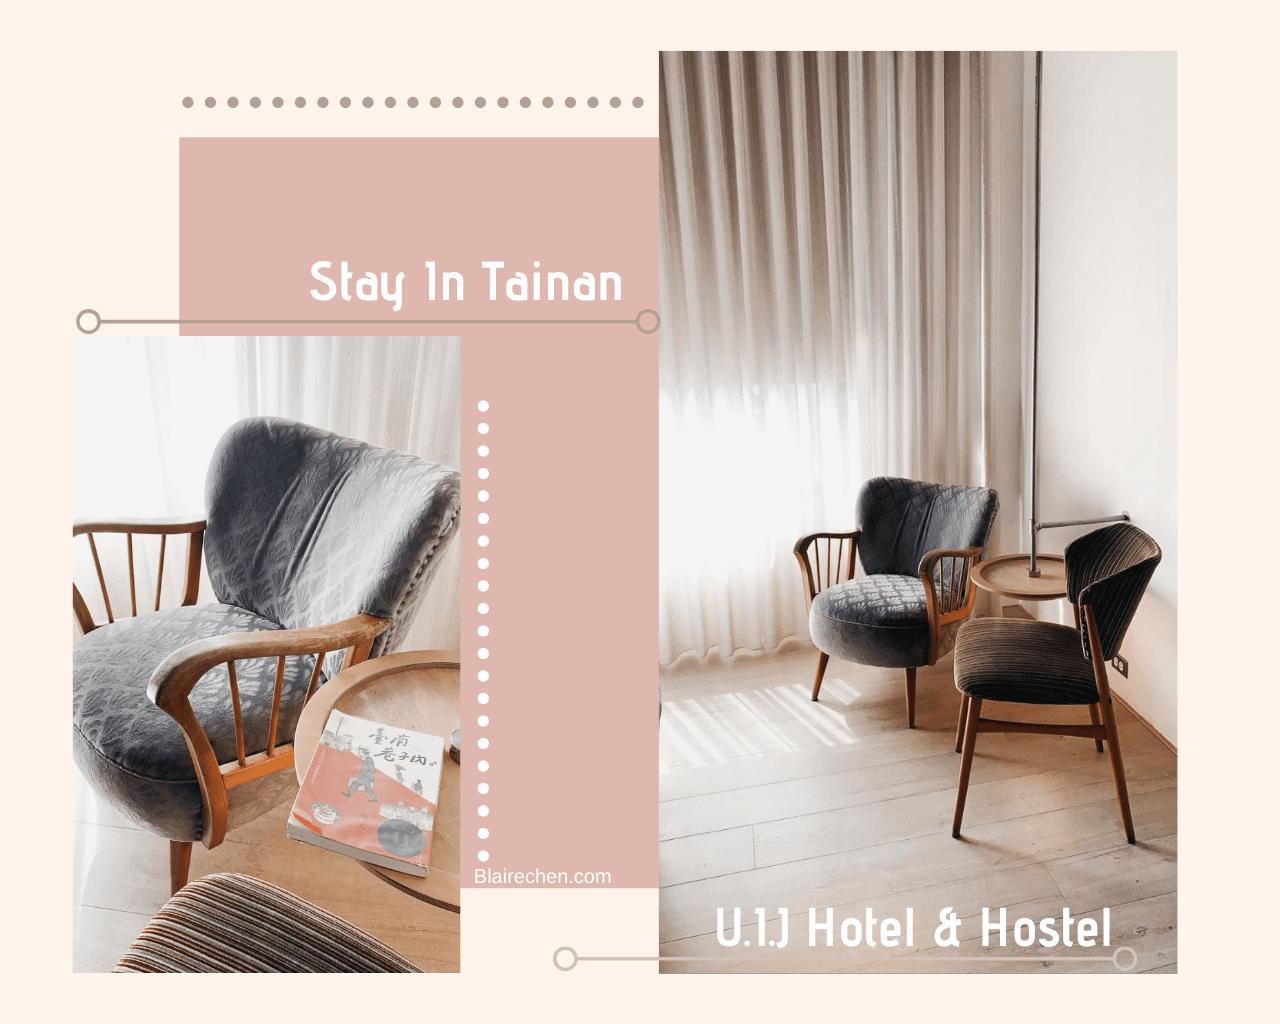 【台南住宿飯店推薦】|U.I.J Hotel & Hostel友愛街旅館,文青工業設計風,旅行就來住一晚!